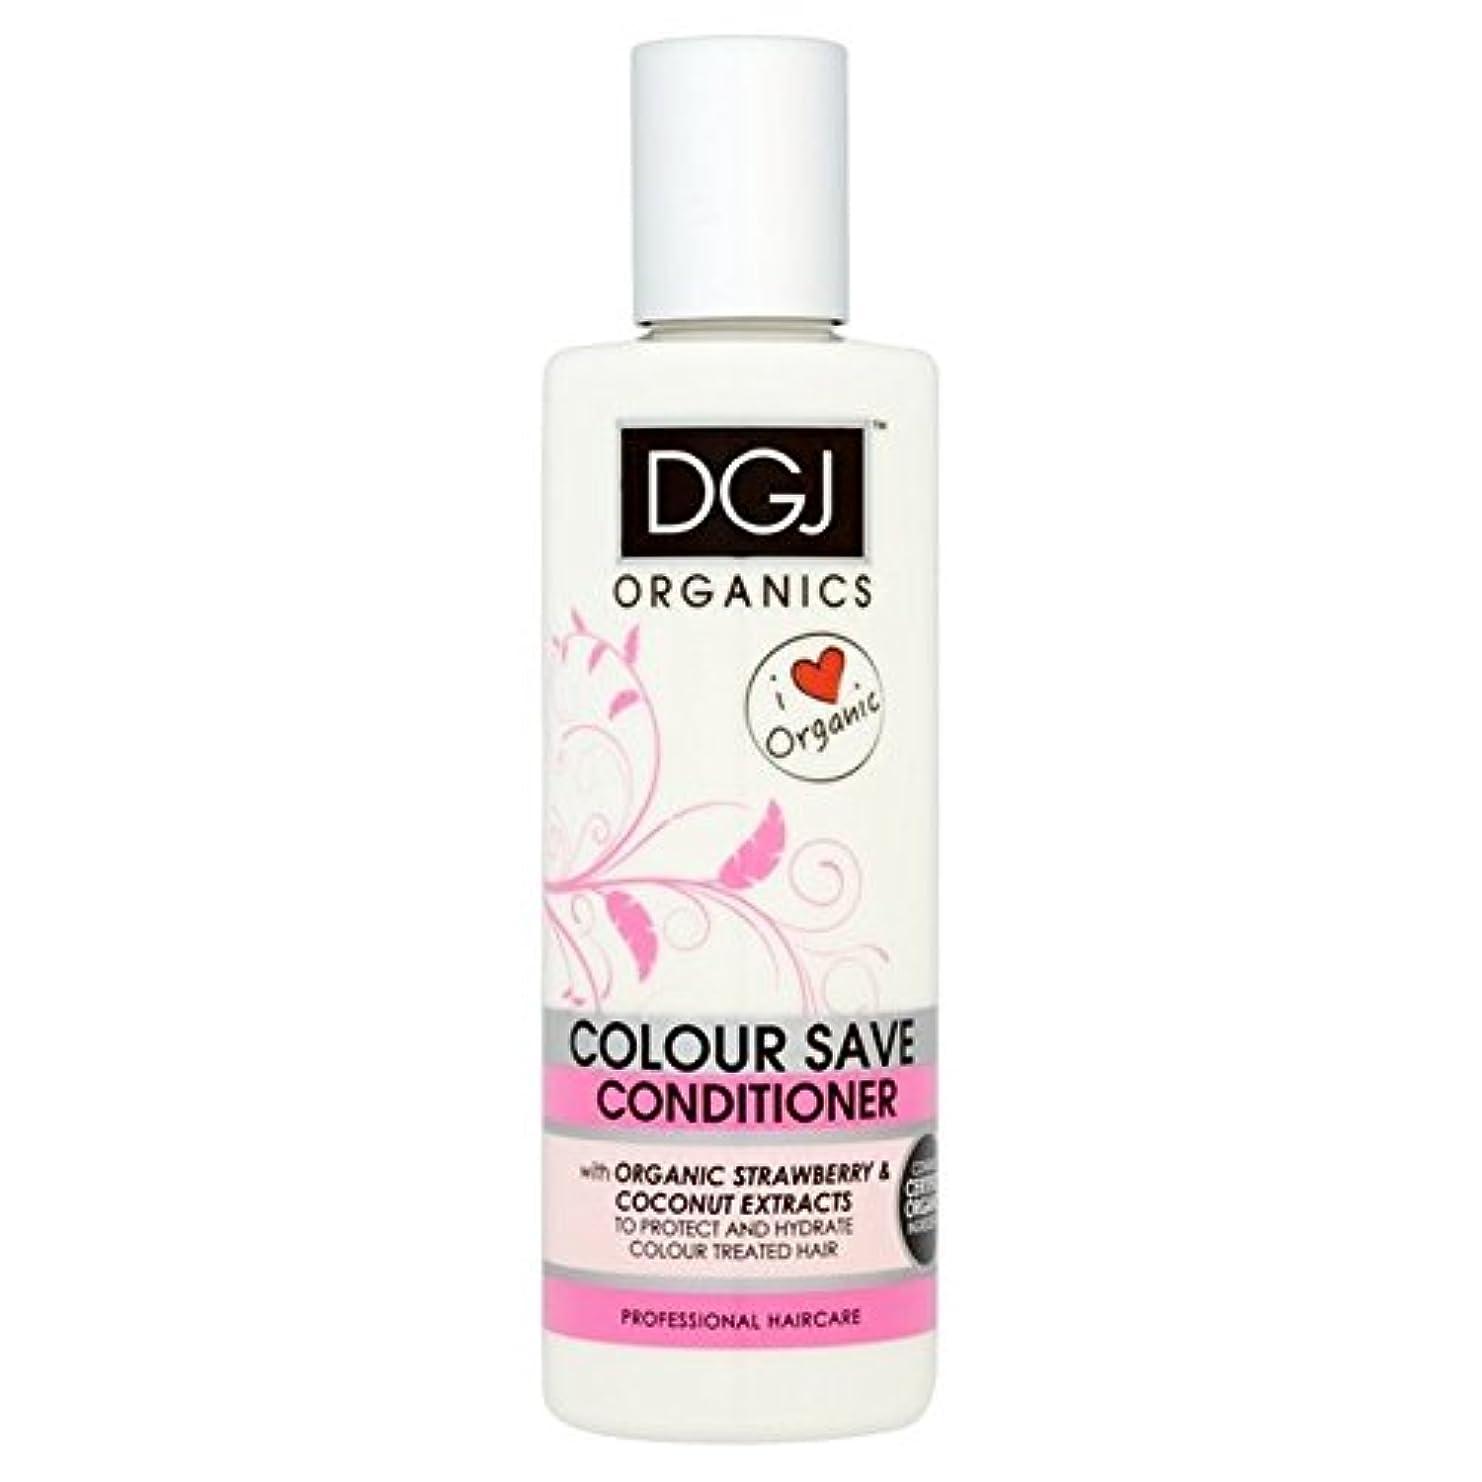 不安シュガー自発DGJ Organics Colour Save Conditioner 250ml (Pack of 6) - 有機物の色コンディショナー250を保存 x6 [並行輸入品]